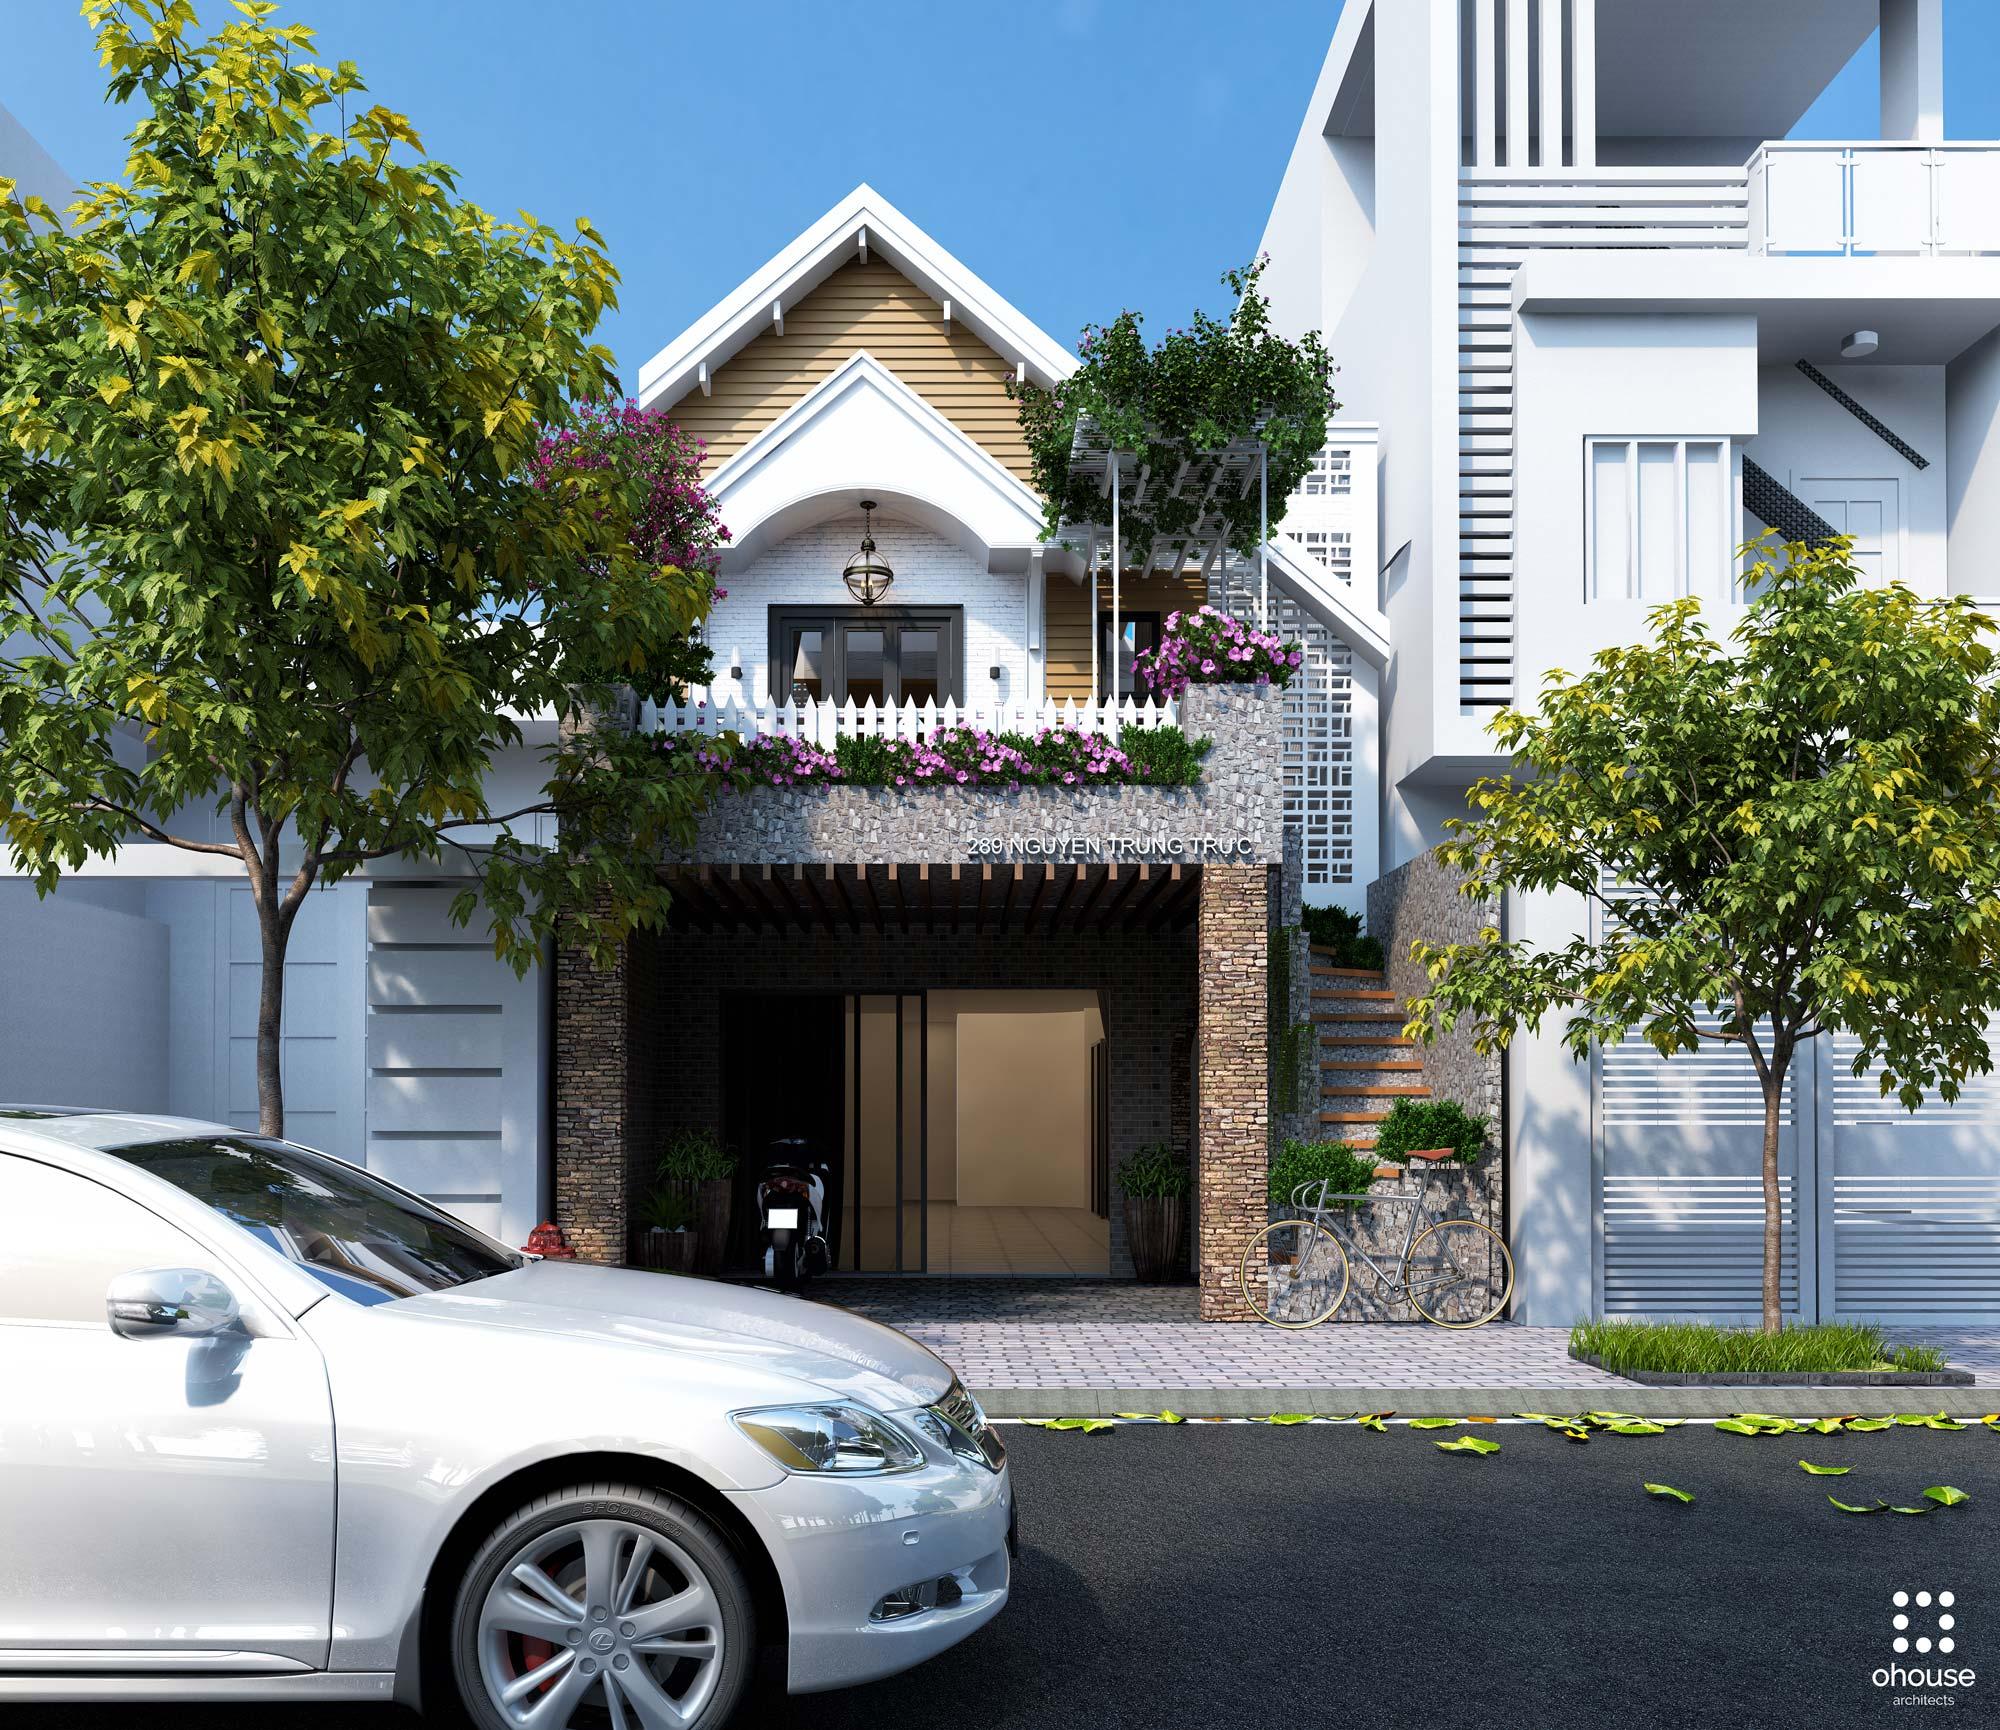 thiết kế Nhà Mặt Phố tại Kiên Giang Phú Quốc House 1 1564930546